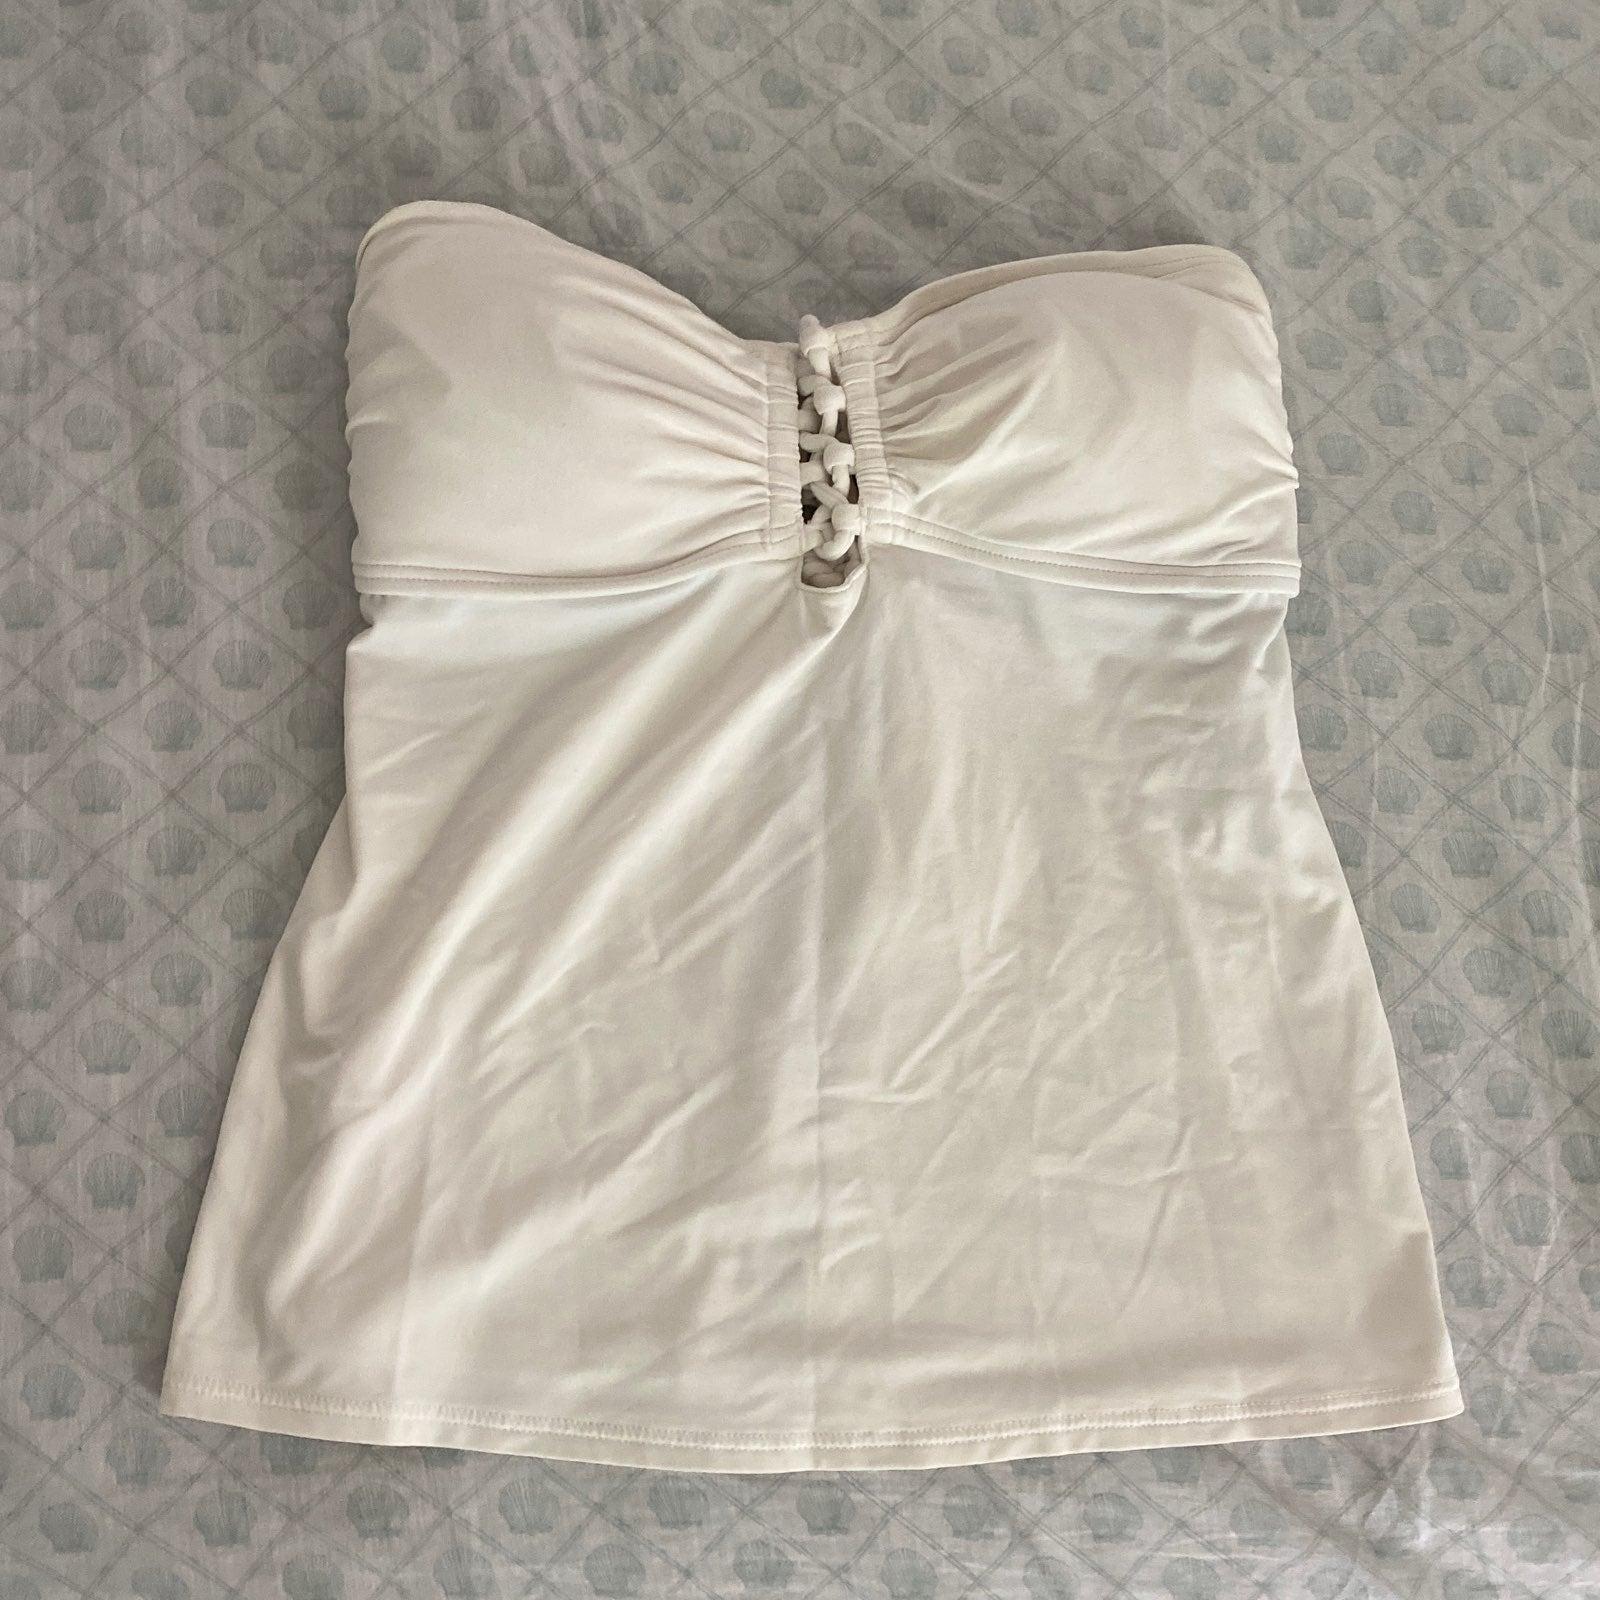 Michael Kors bathing suit top xs